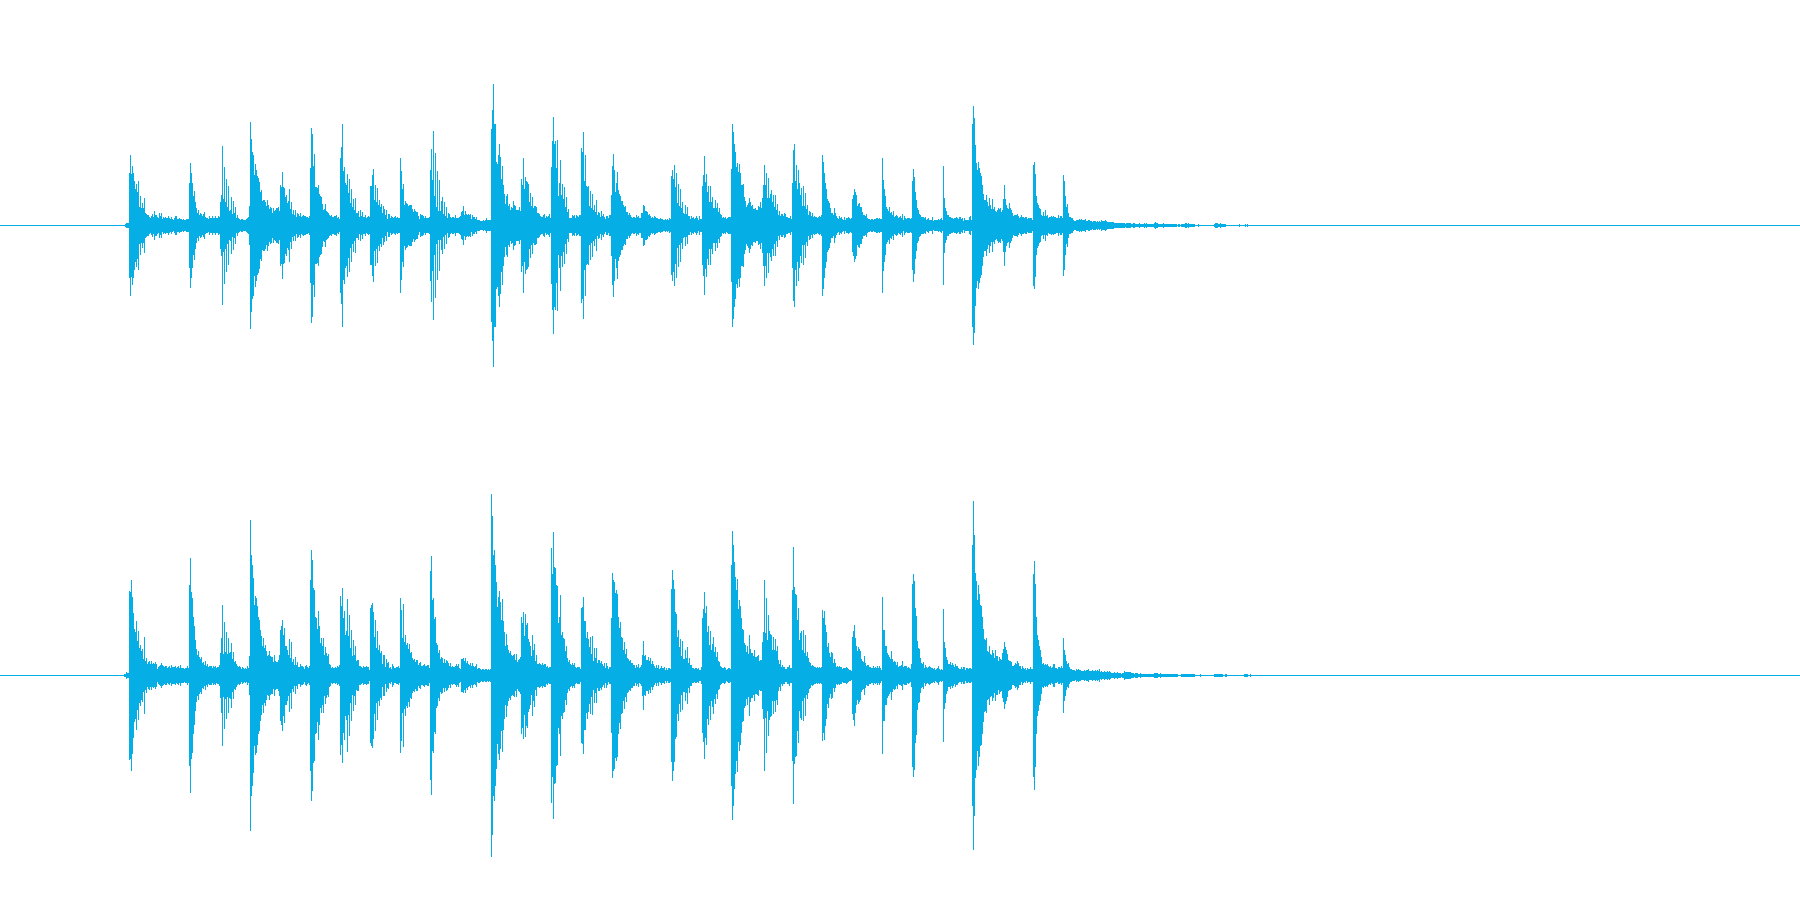 クールでかっこいいテクノのジングルの再生済みの波形